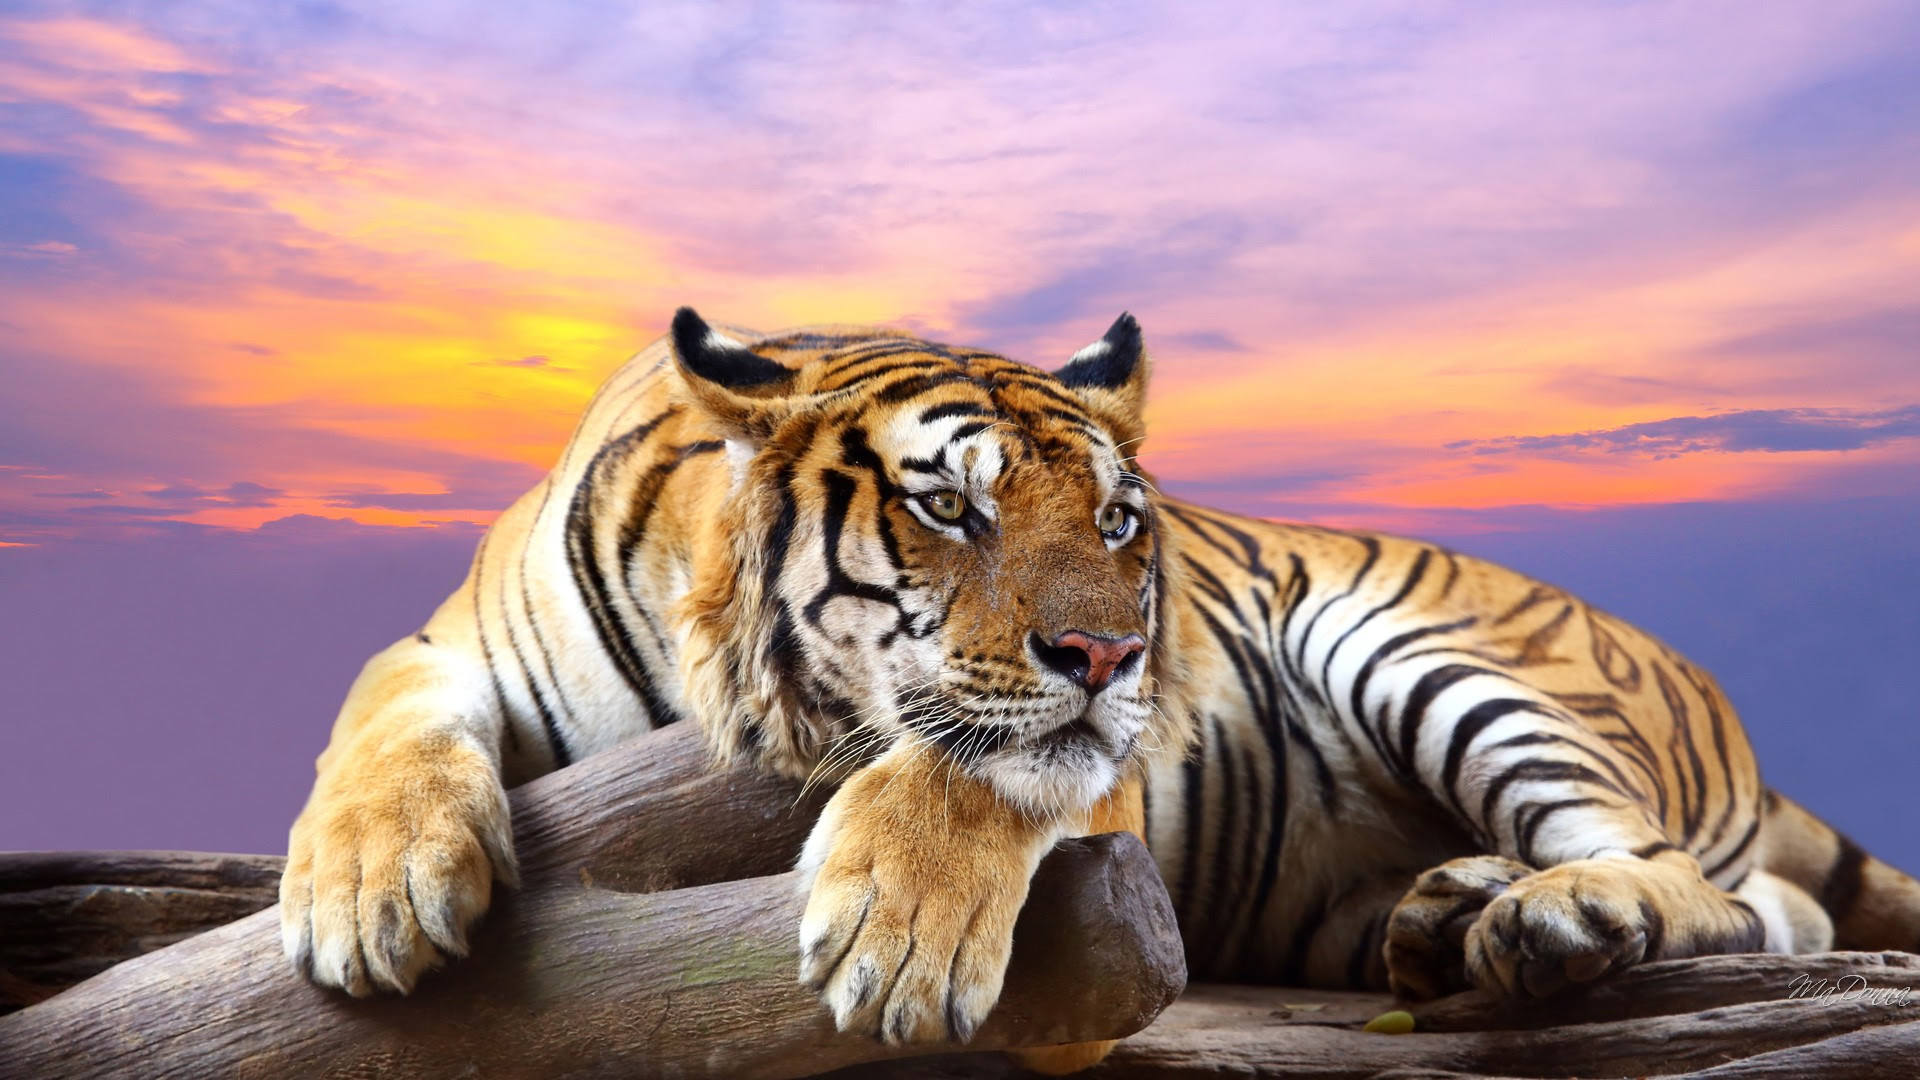 HD Tiger Wallpaper  HD Wallpaper Download